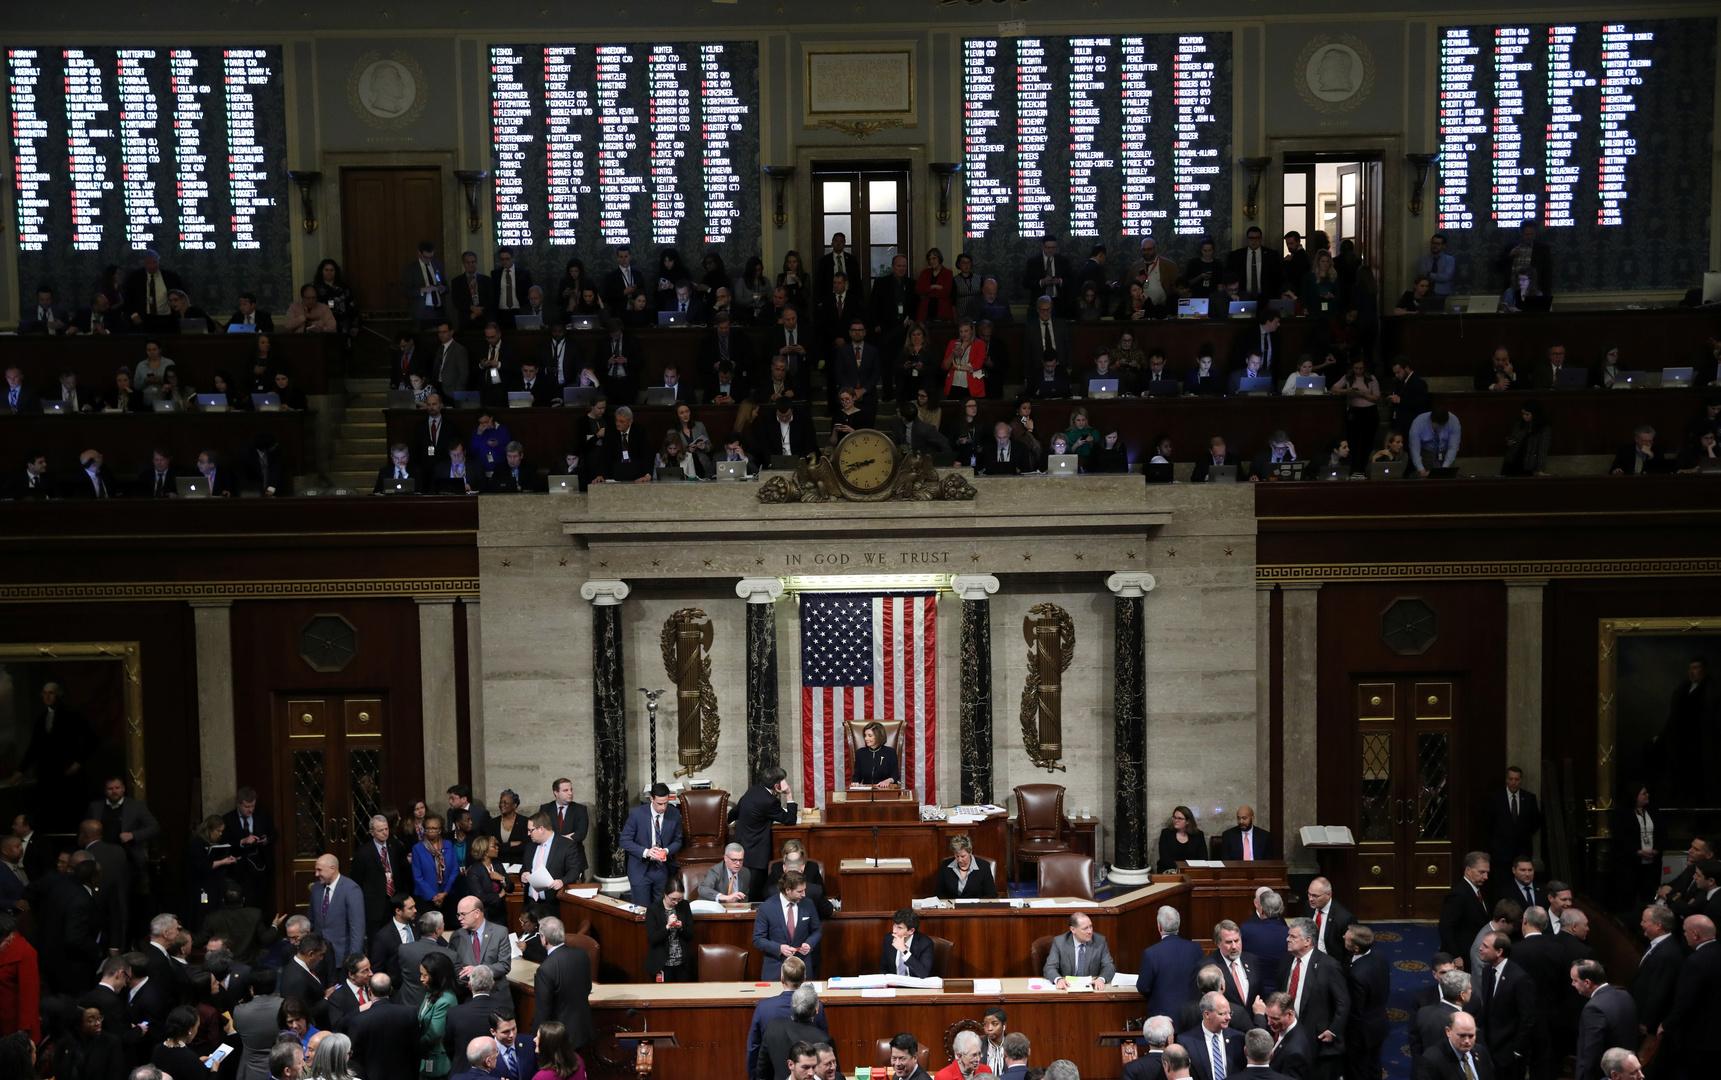 مجلس النواب الأمريكي يحد من قدرة ترامب على شن حرب على إيران